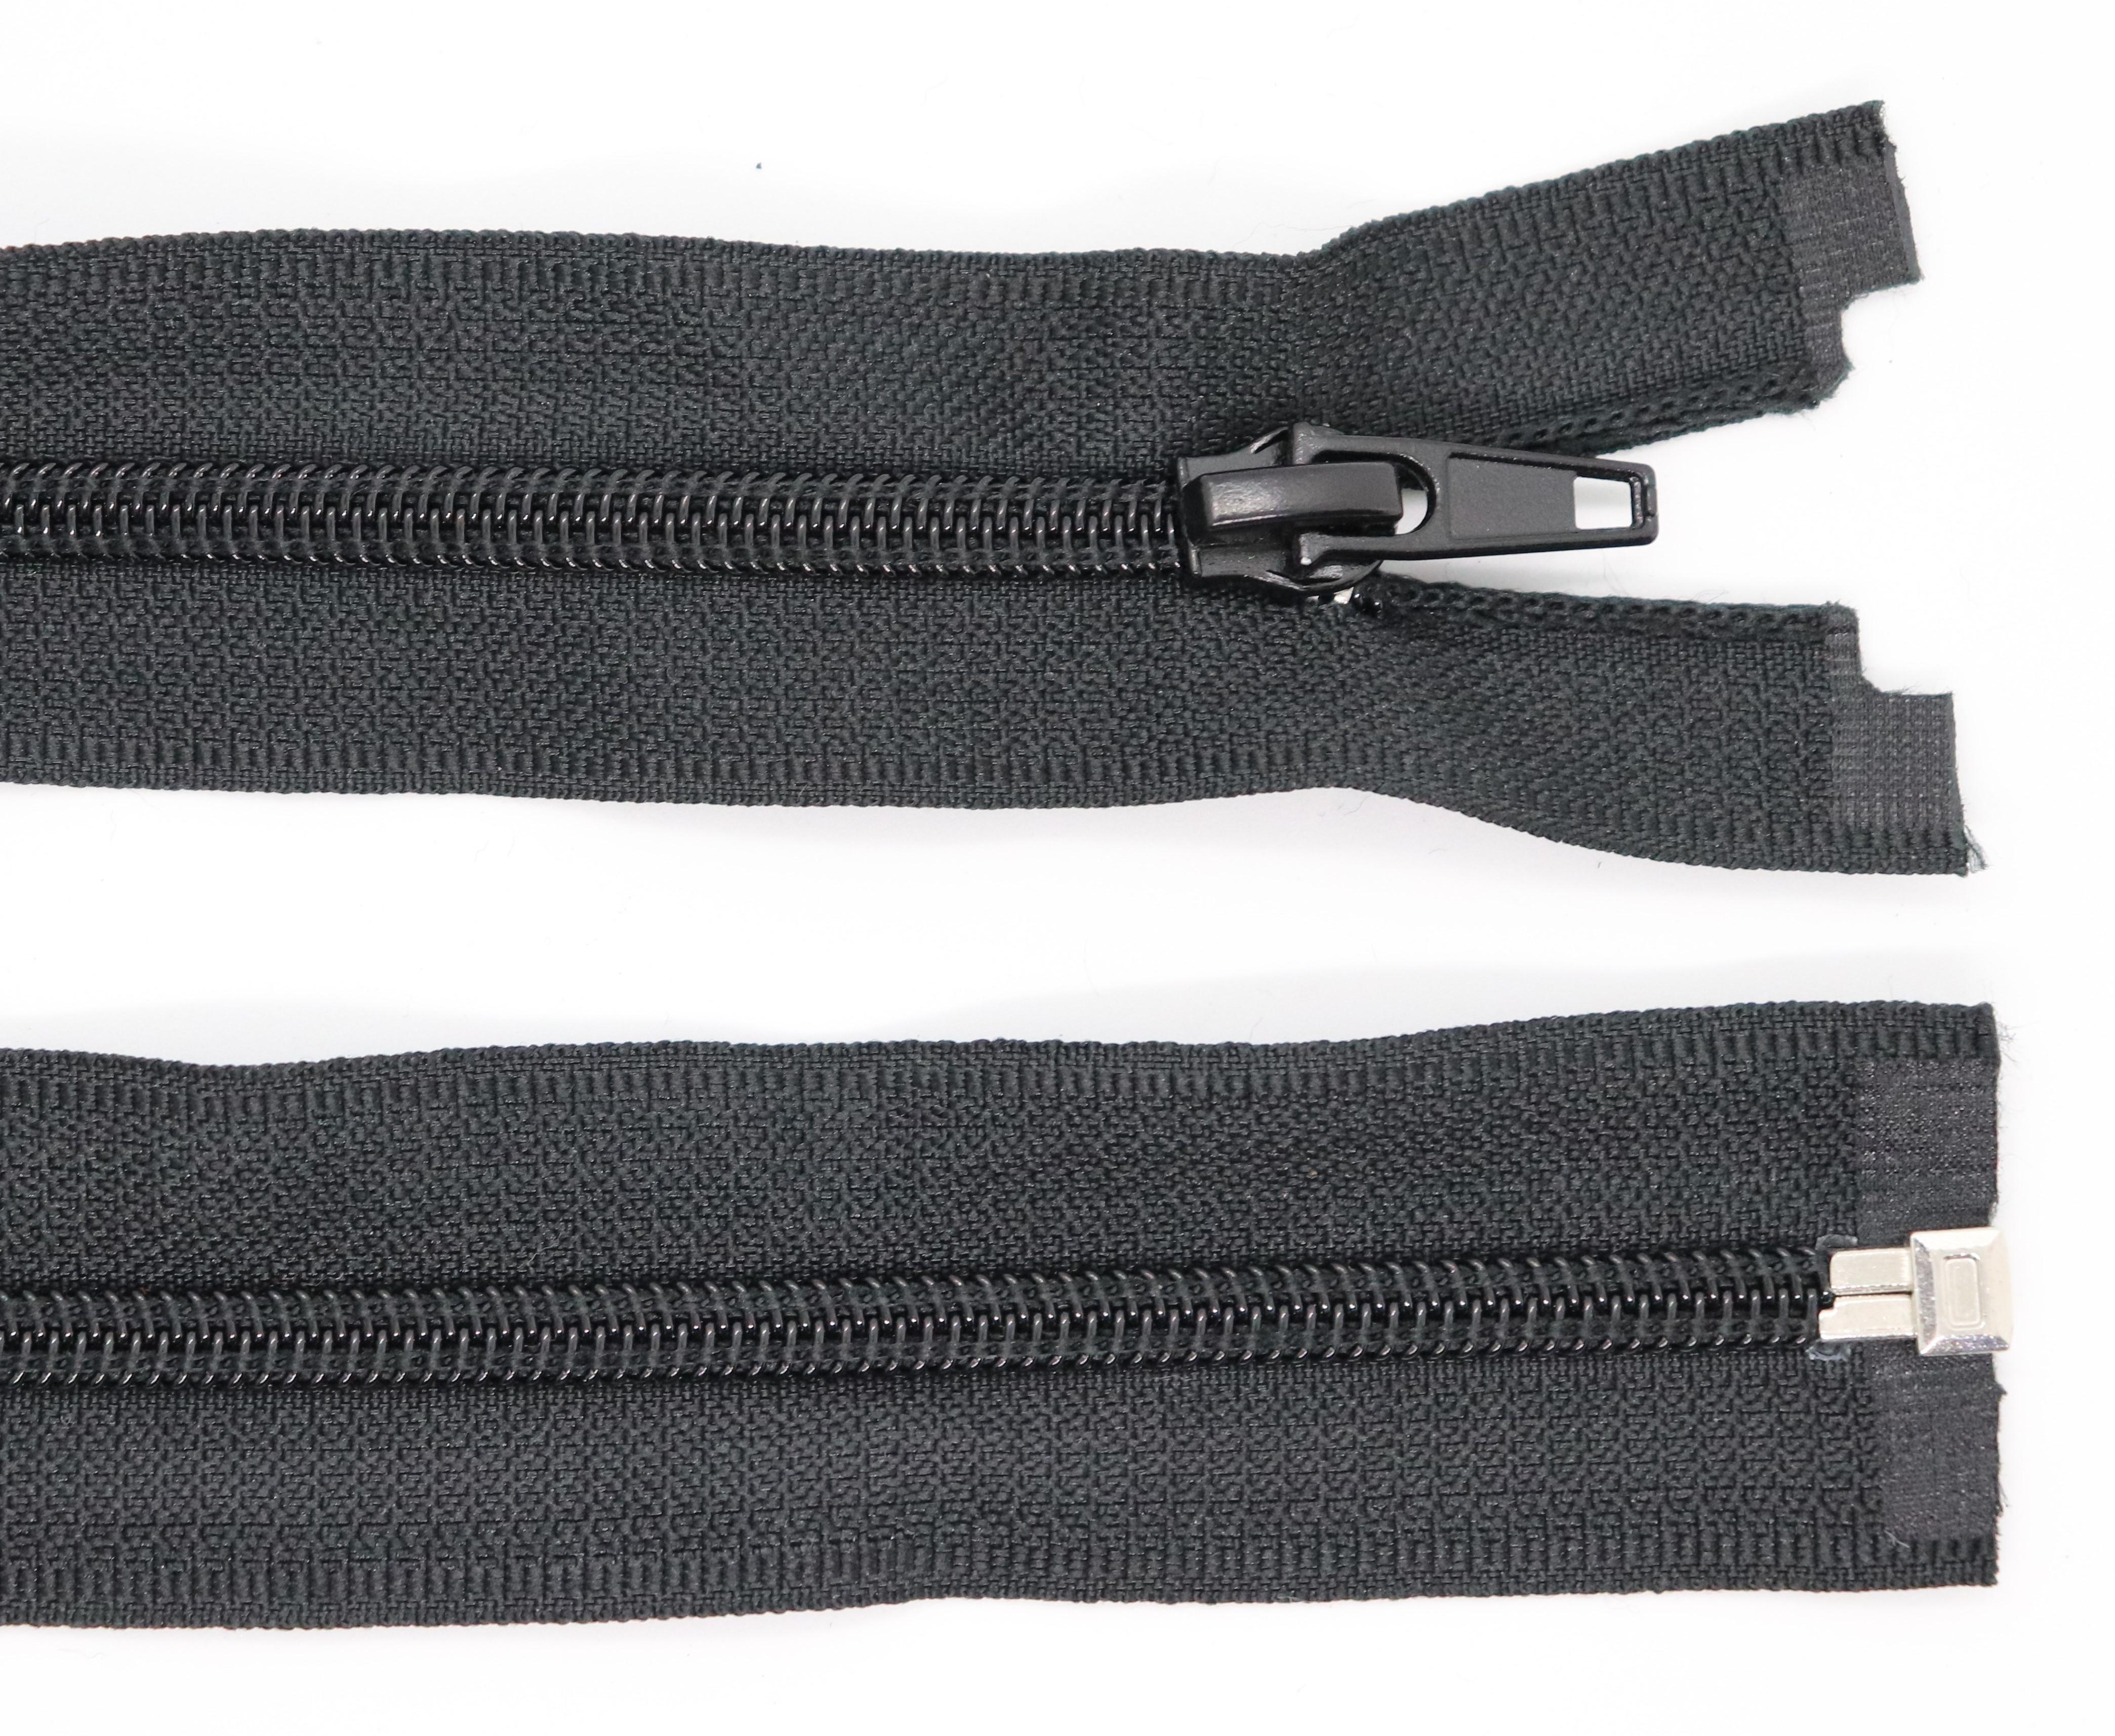 Spirálový zip šíøe 5 mm délka 40 cm dìlitelný - zvìtšit obrázek